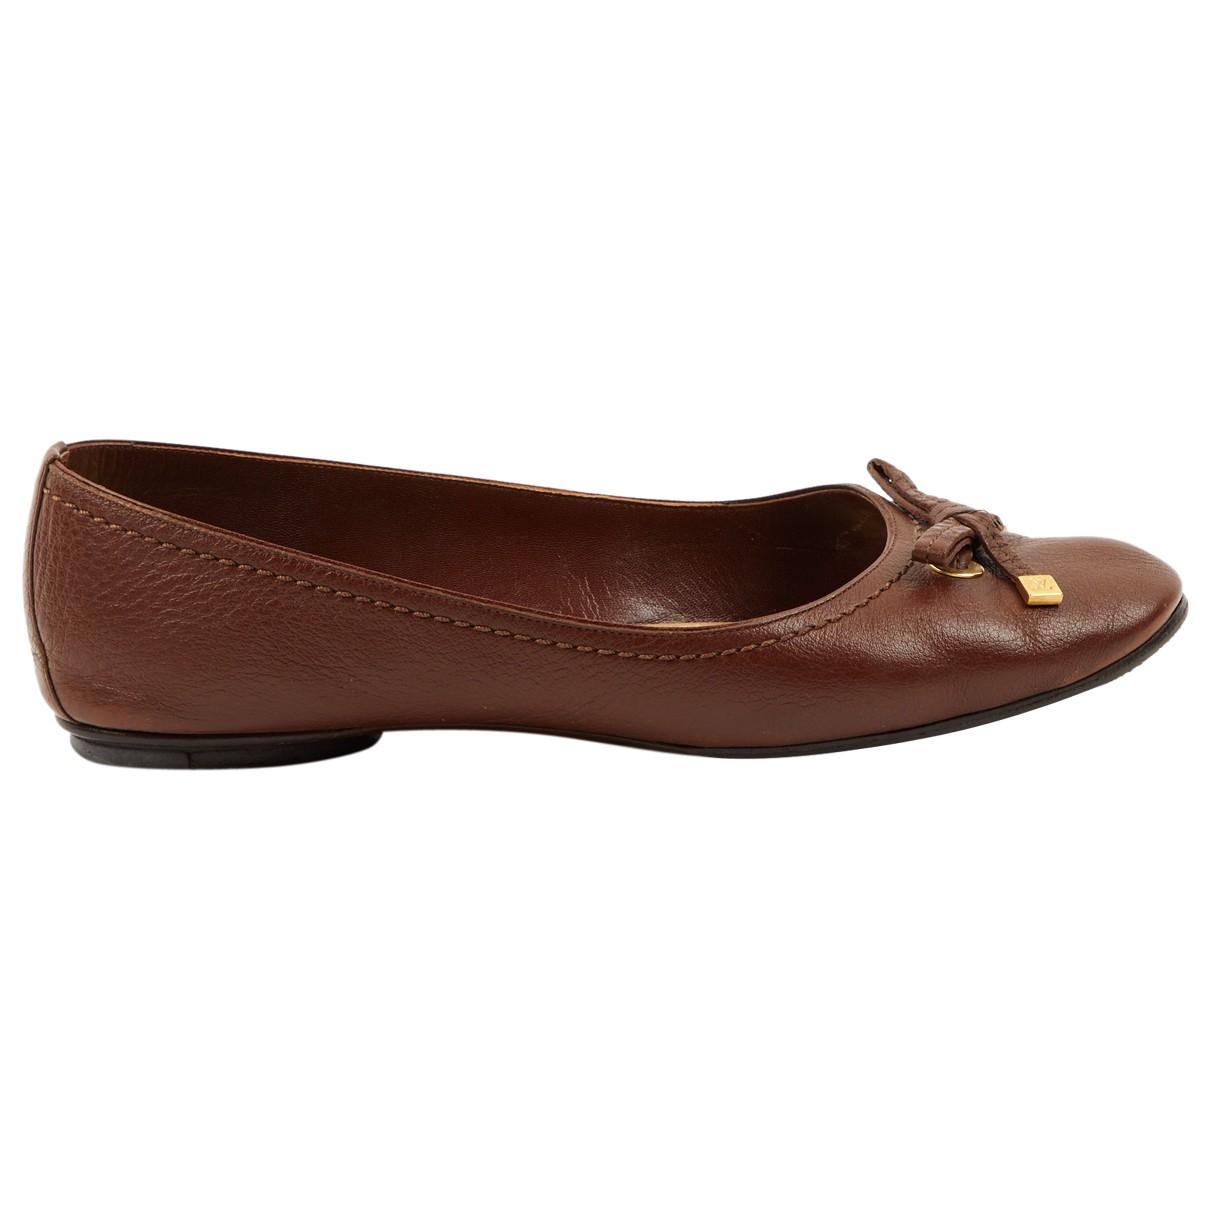 Louis Vuitton - Ballerines   pour femme en cuir - marron